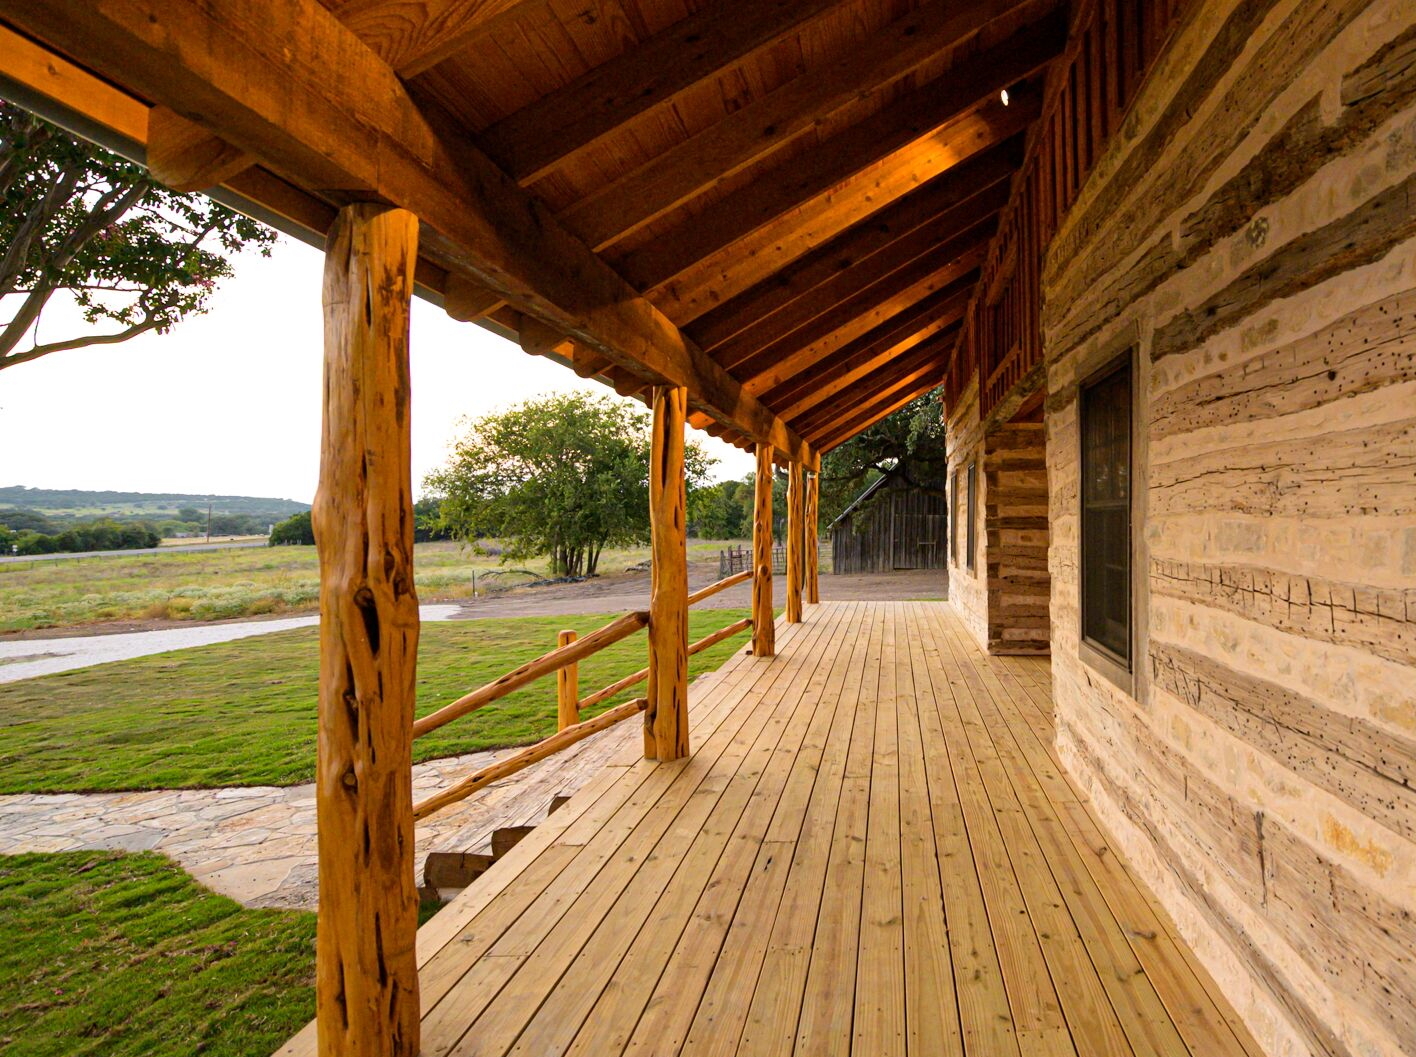 Antique Log Home Architect, Antique Log Homes, Texas Ranch Homes, Historic Texas Ranch Homes, Best Ranch Designs in Texas, Texas Ranch Architects, Best Ranch Home Architects, Early Texas Log Homes, Early Texas Log Cabins, Log Home Porch